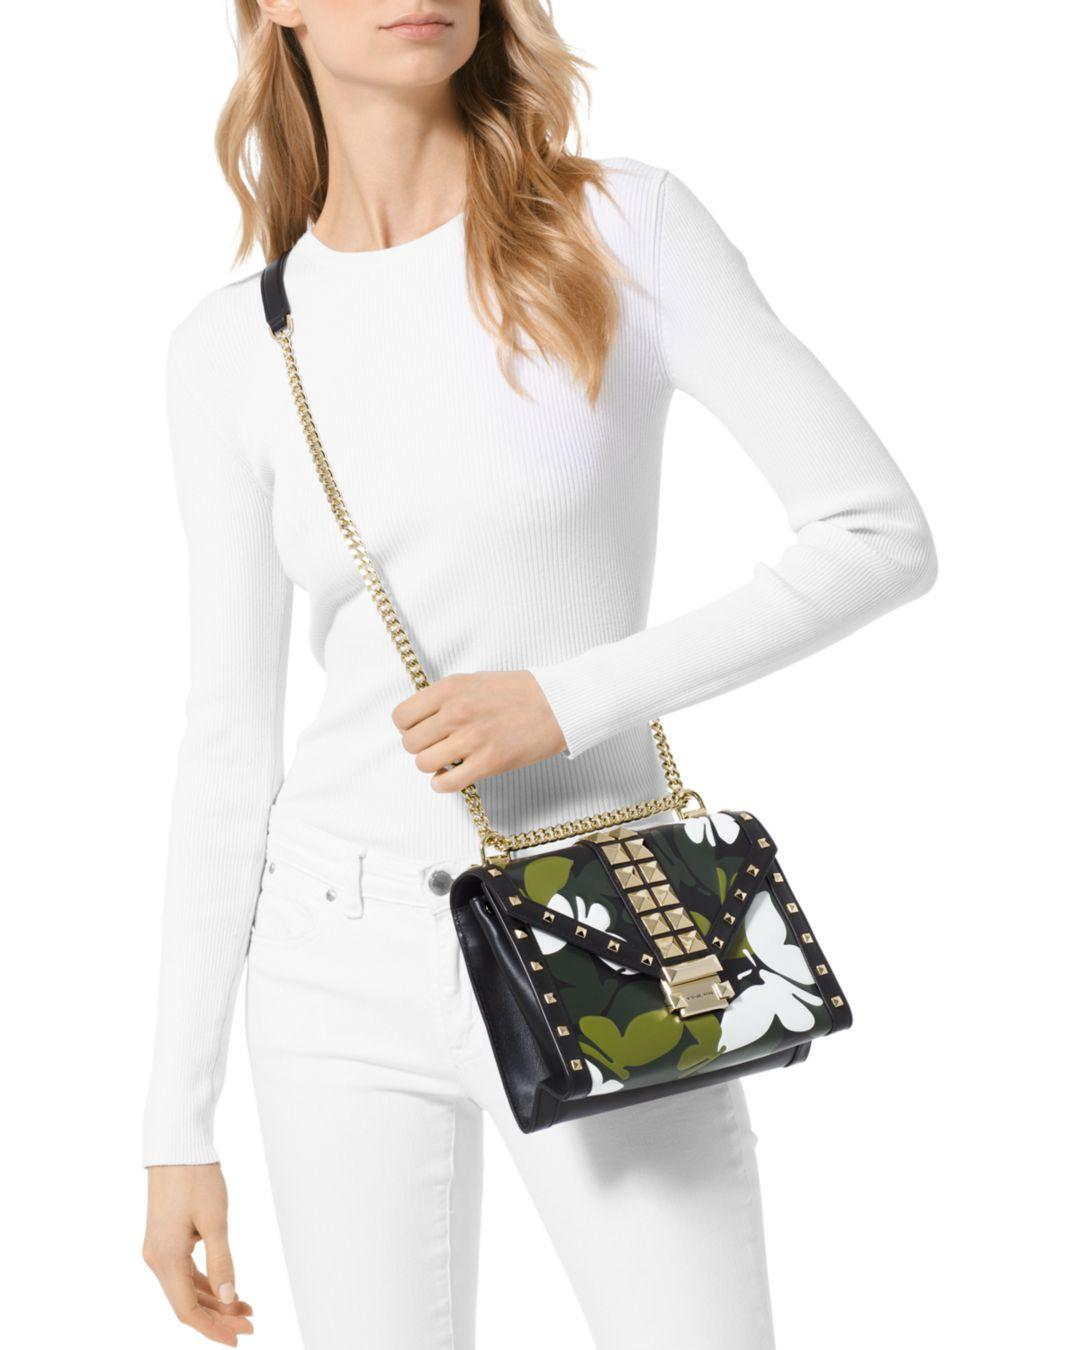 f2da7ee351d0 Lyst - MICHAEL Michael Kors Whitney Large Studded Leather Shoulder Bag